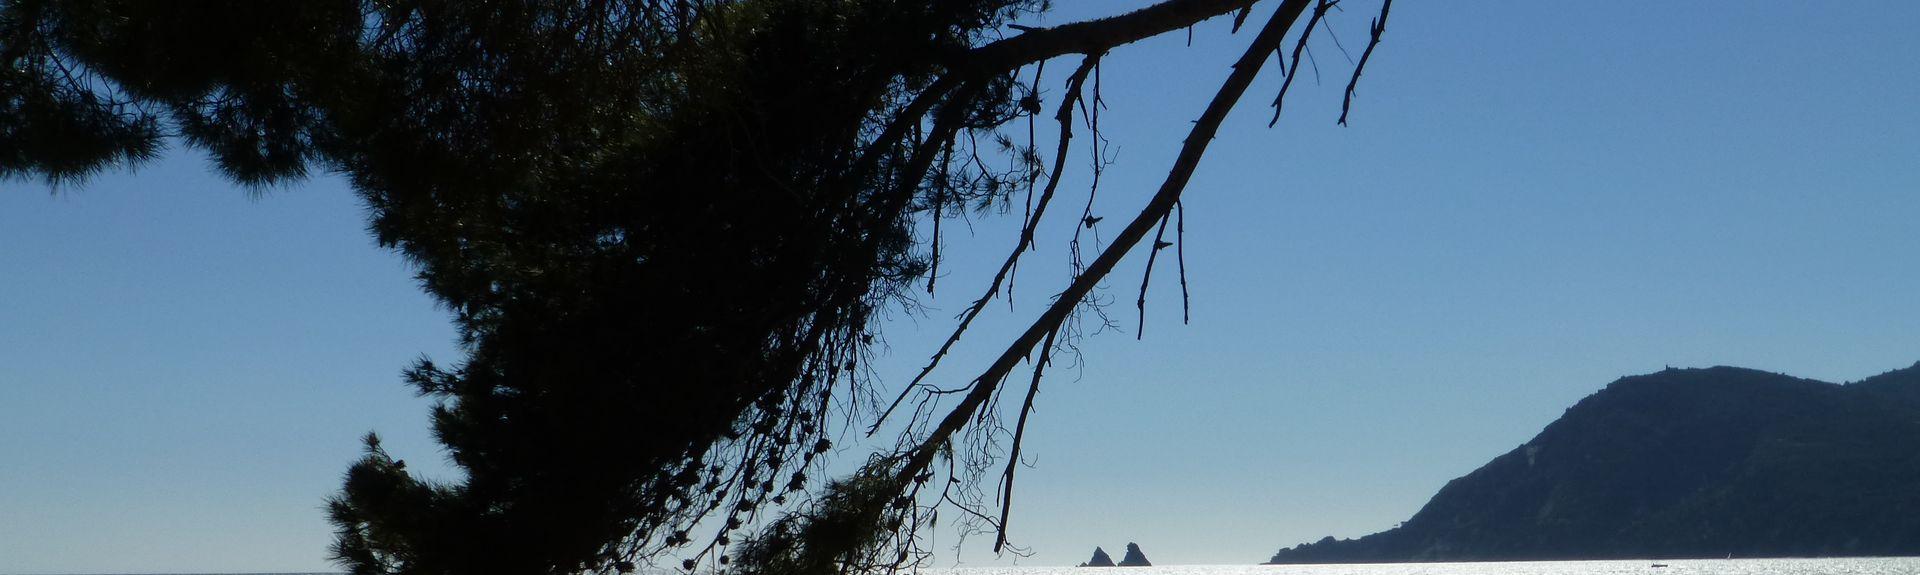 Les Sablettes, La Seyne-sur-Mer, Provenza-Alpi-Costa Azzurra, Francia